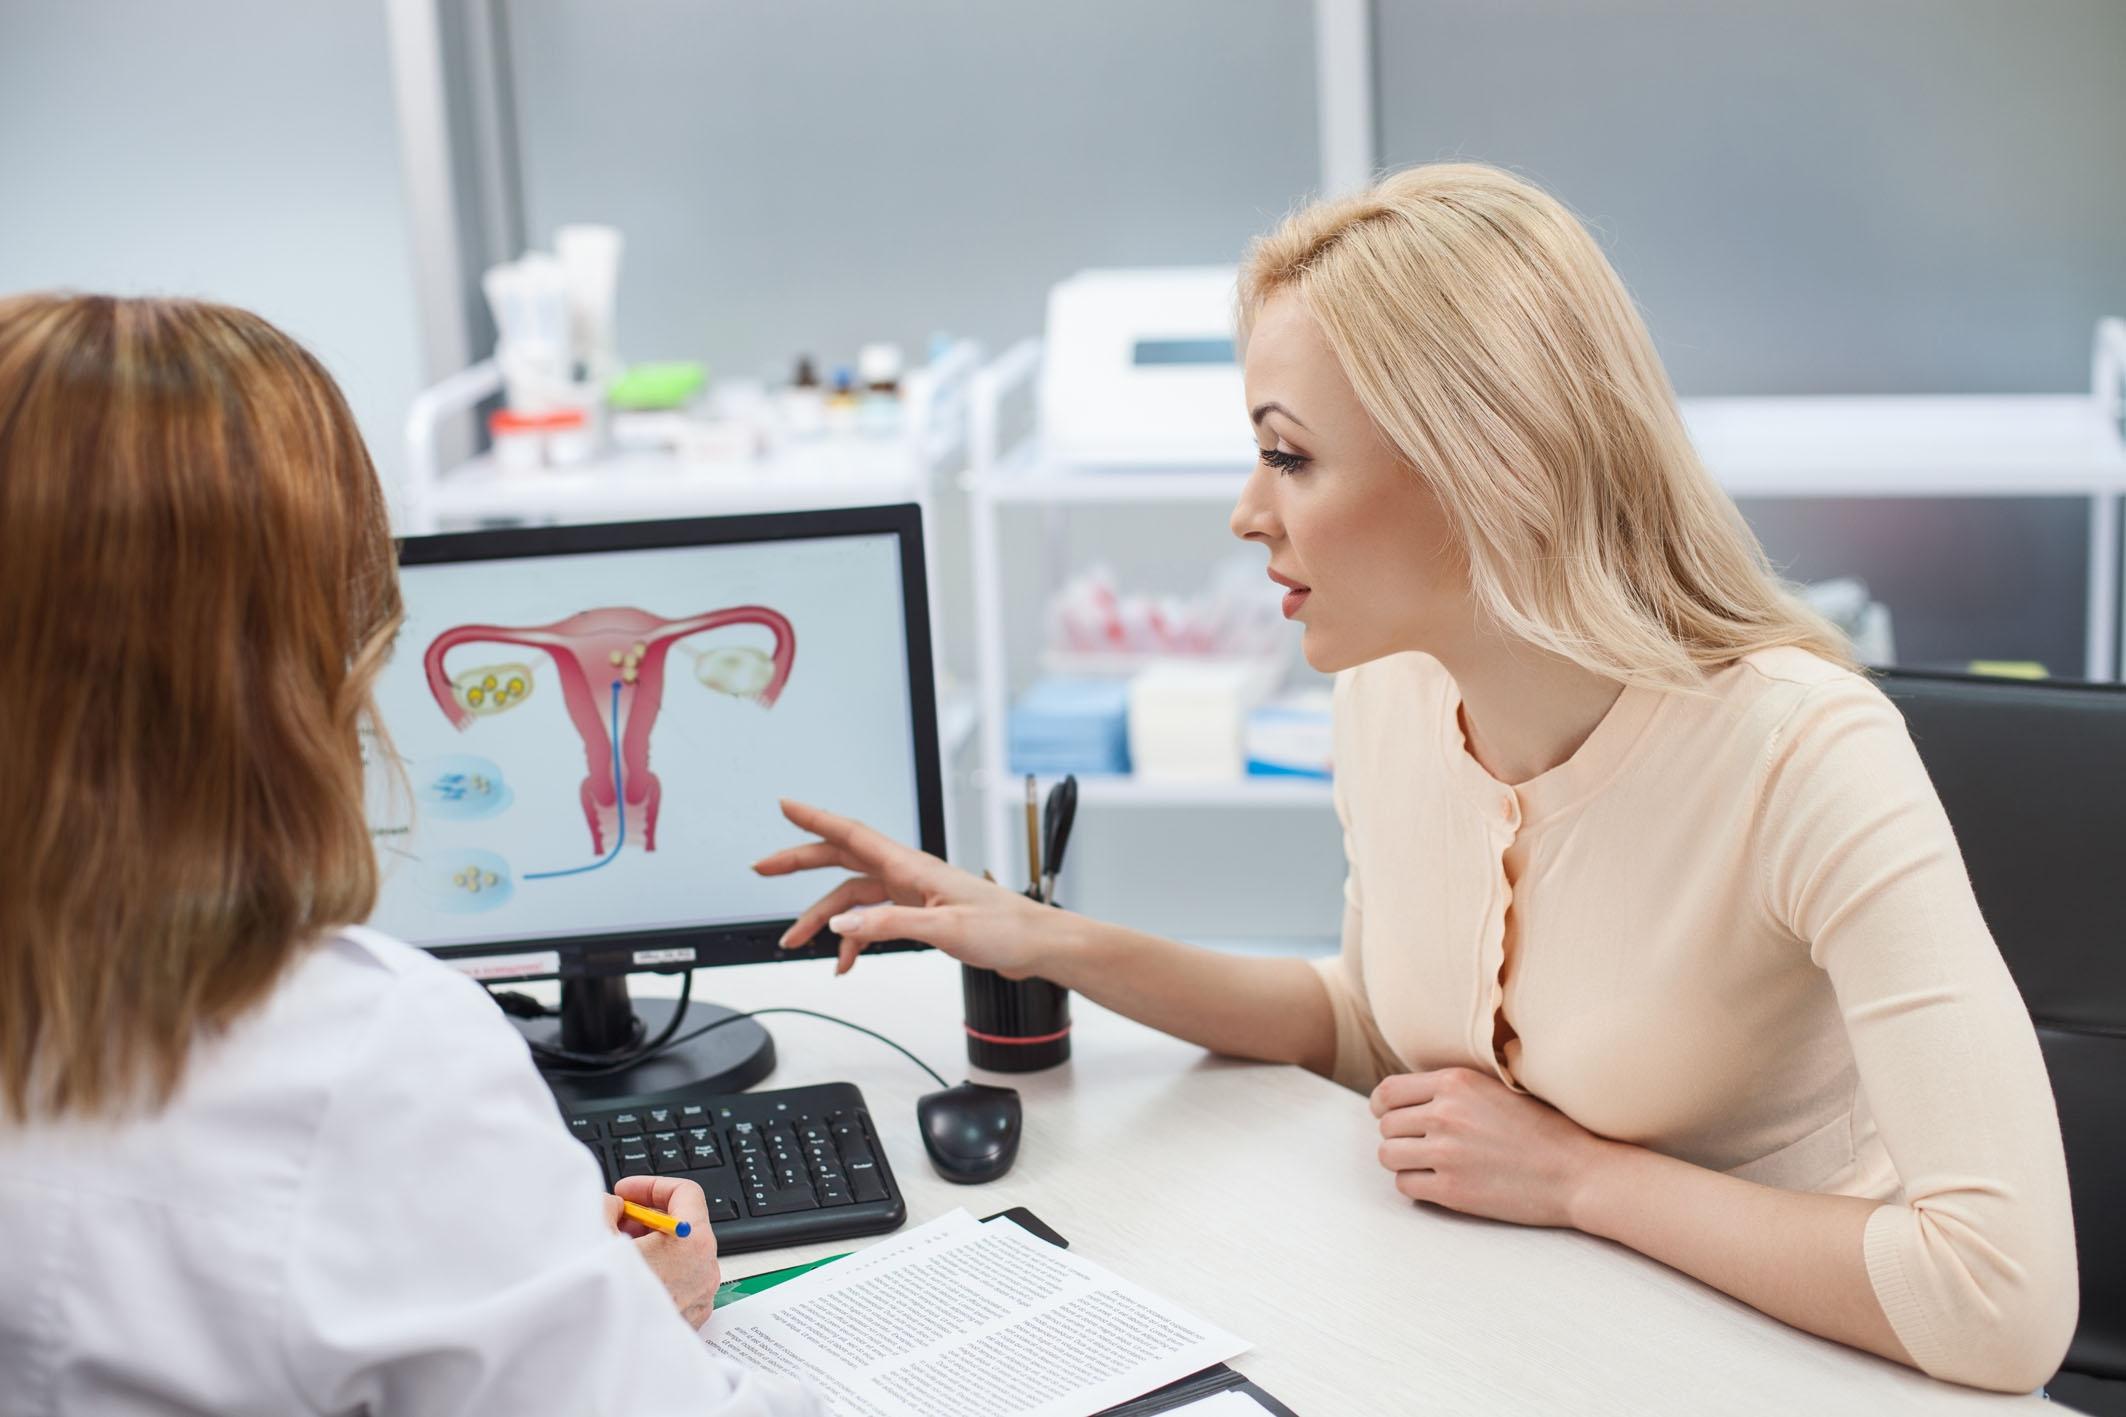 AHA: Daarom maken Amerikaanse vrouwen beter zo snel mogelijk een afspraak bij hun gynaecoloog